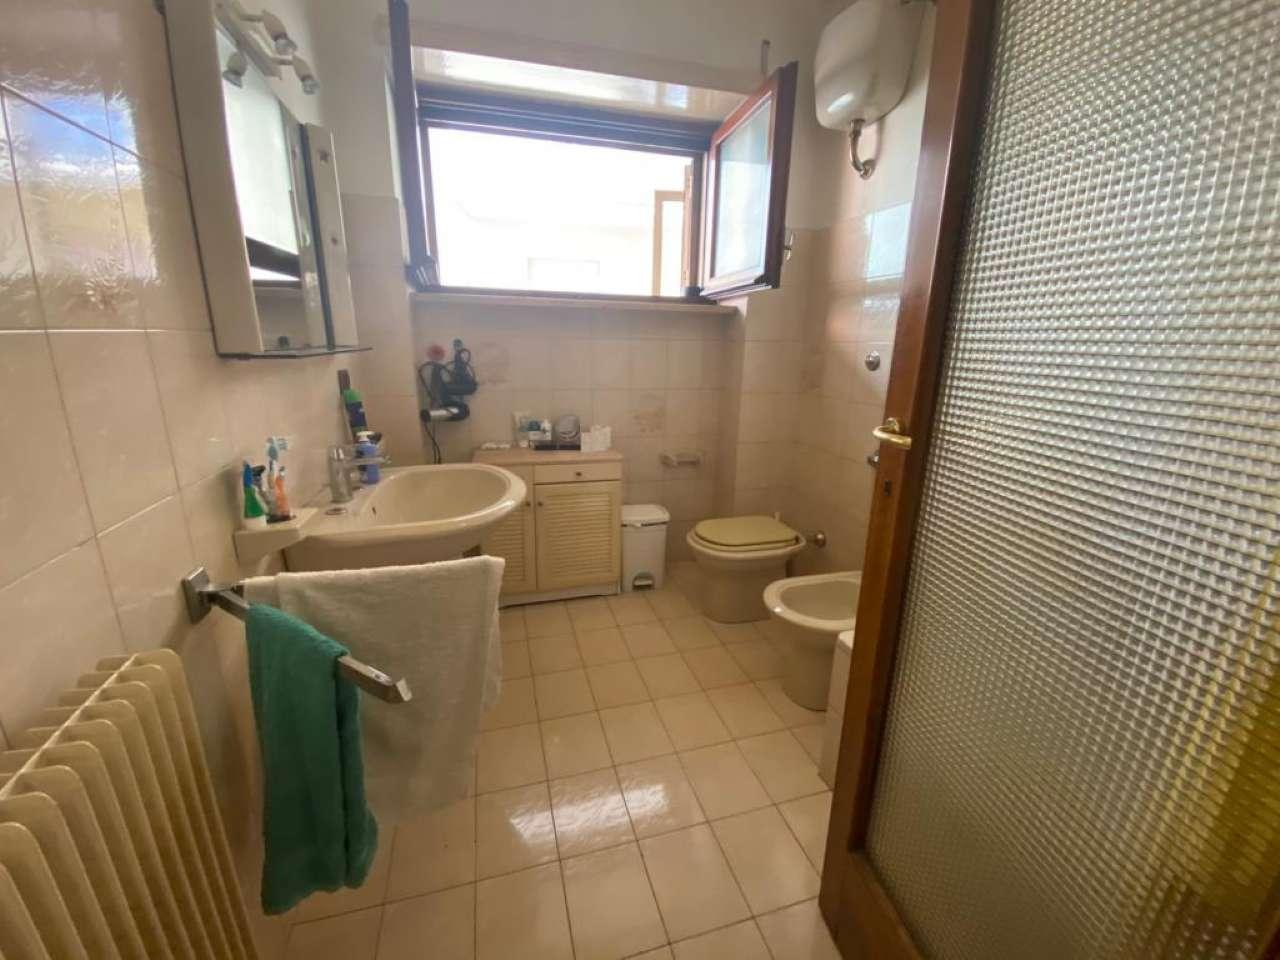 Appartamento, Via Francesco Cilea, Zona Vomero, Napoli, foto 9